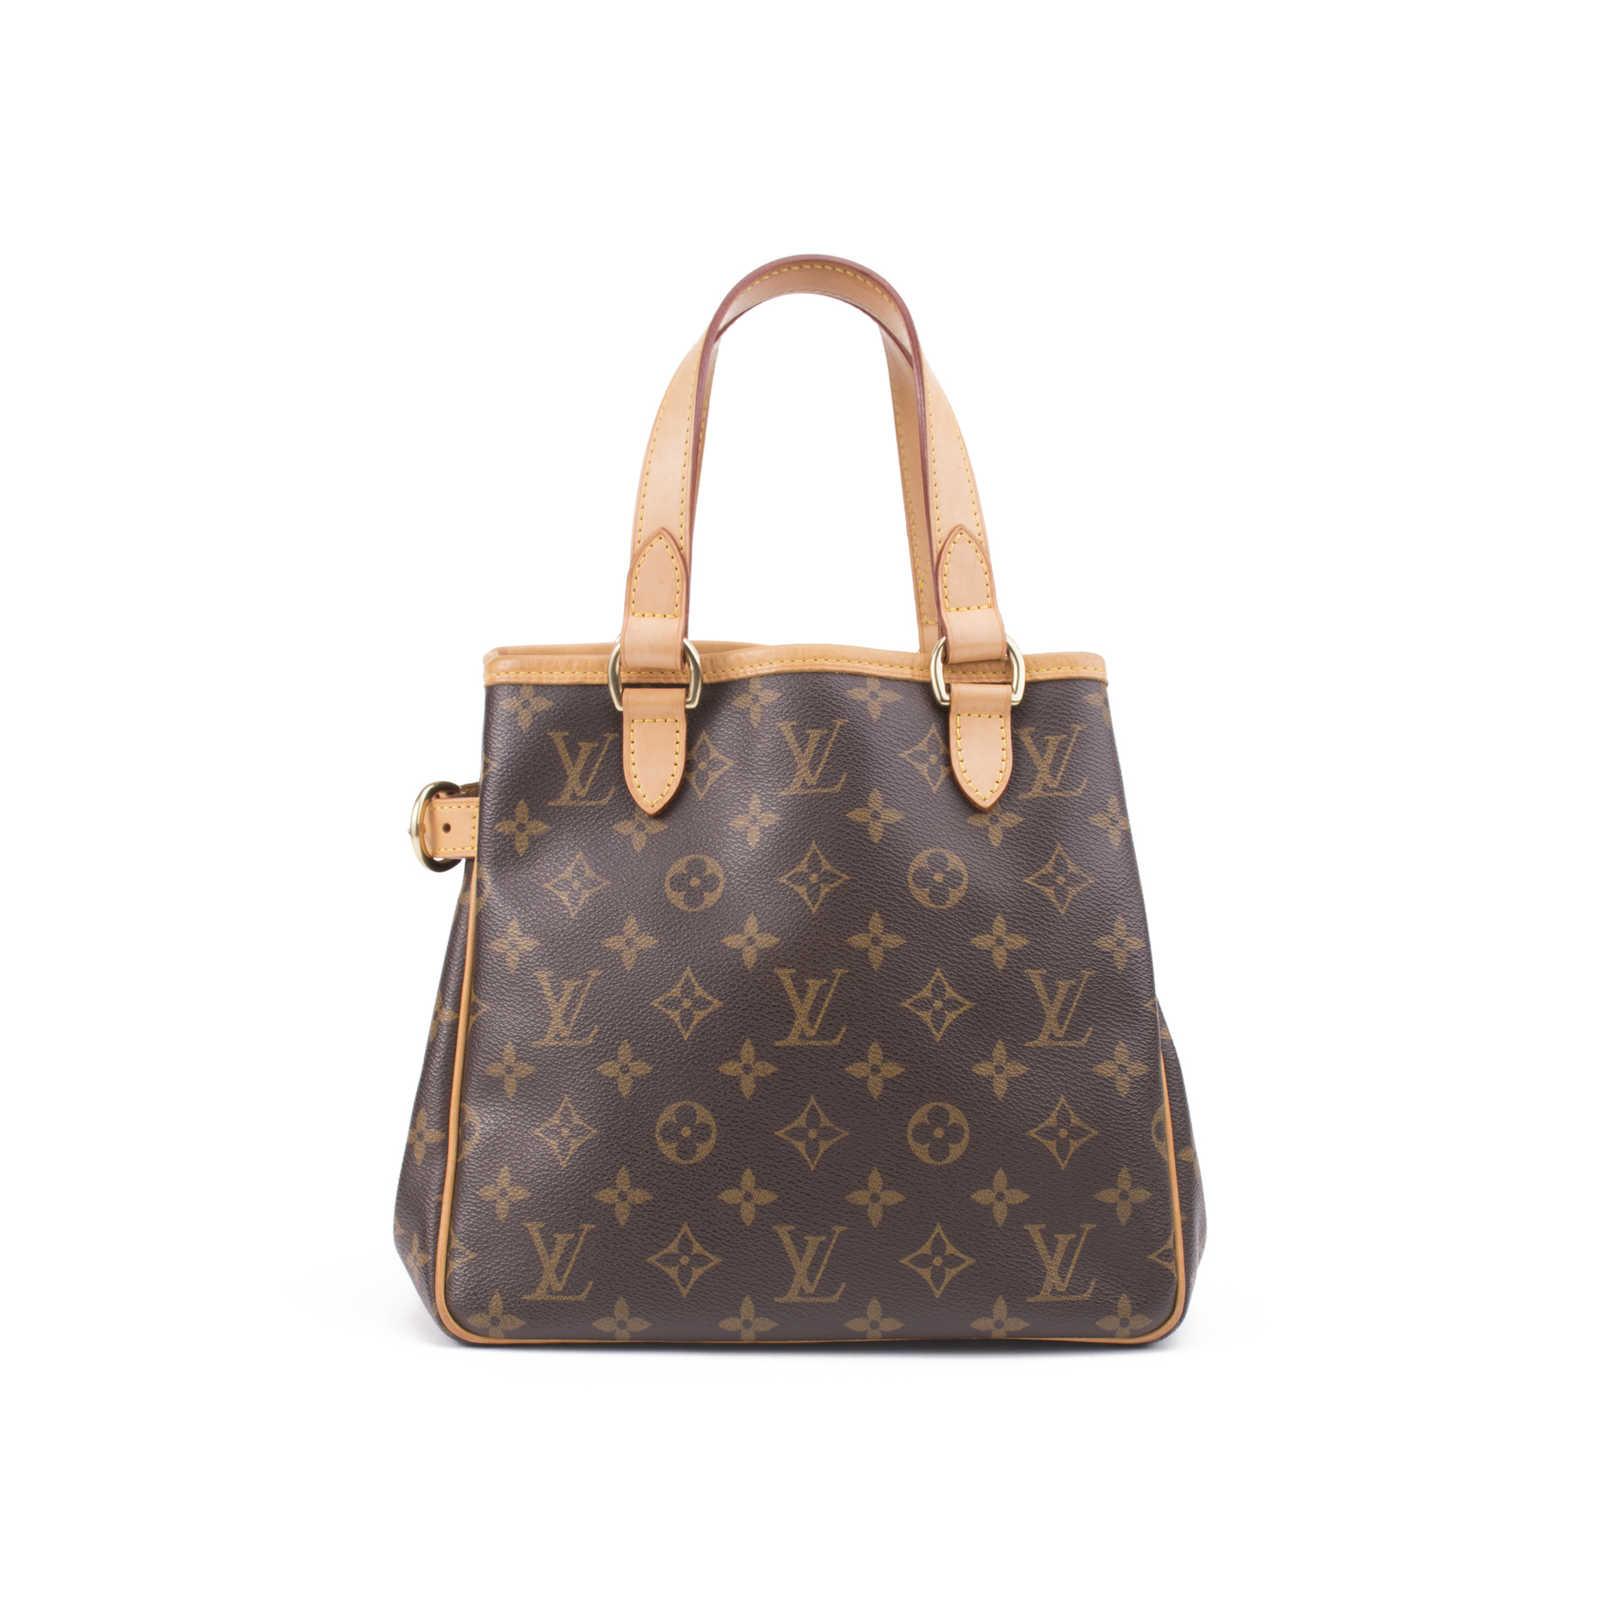 f0b53e478a8 Authentic Second Hand Louis Vuitton Monogram Batignolles Bag (PSS ...